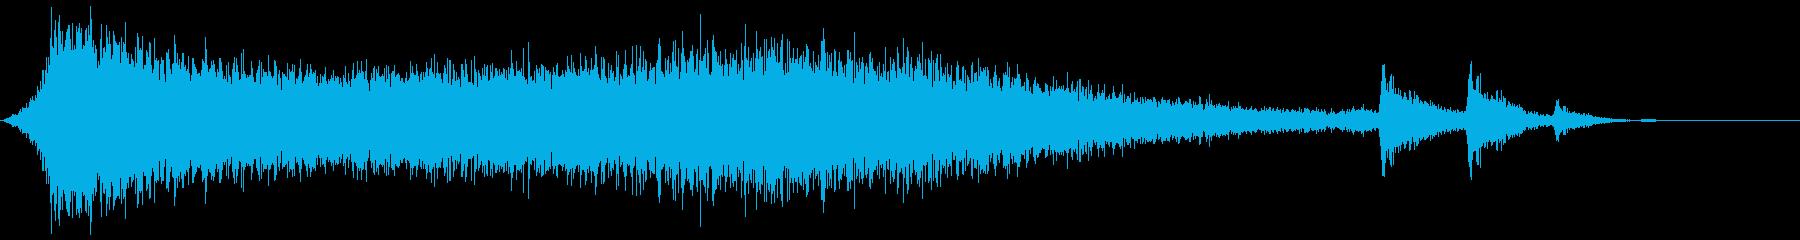 【ホラーゲーム】サウンドスケイプ_03の再生済みの波形